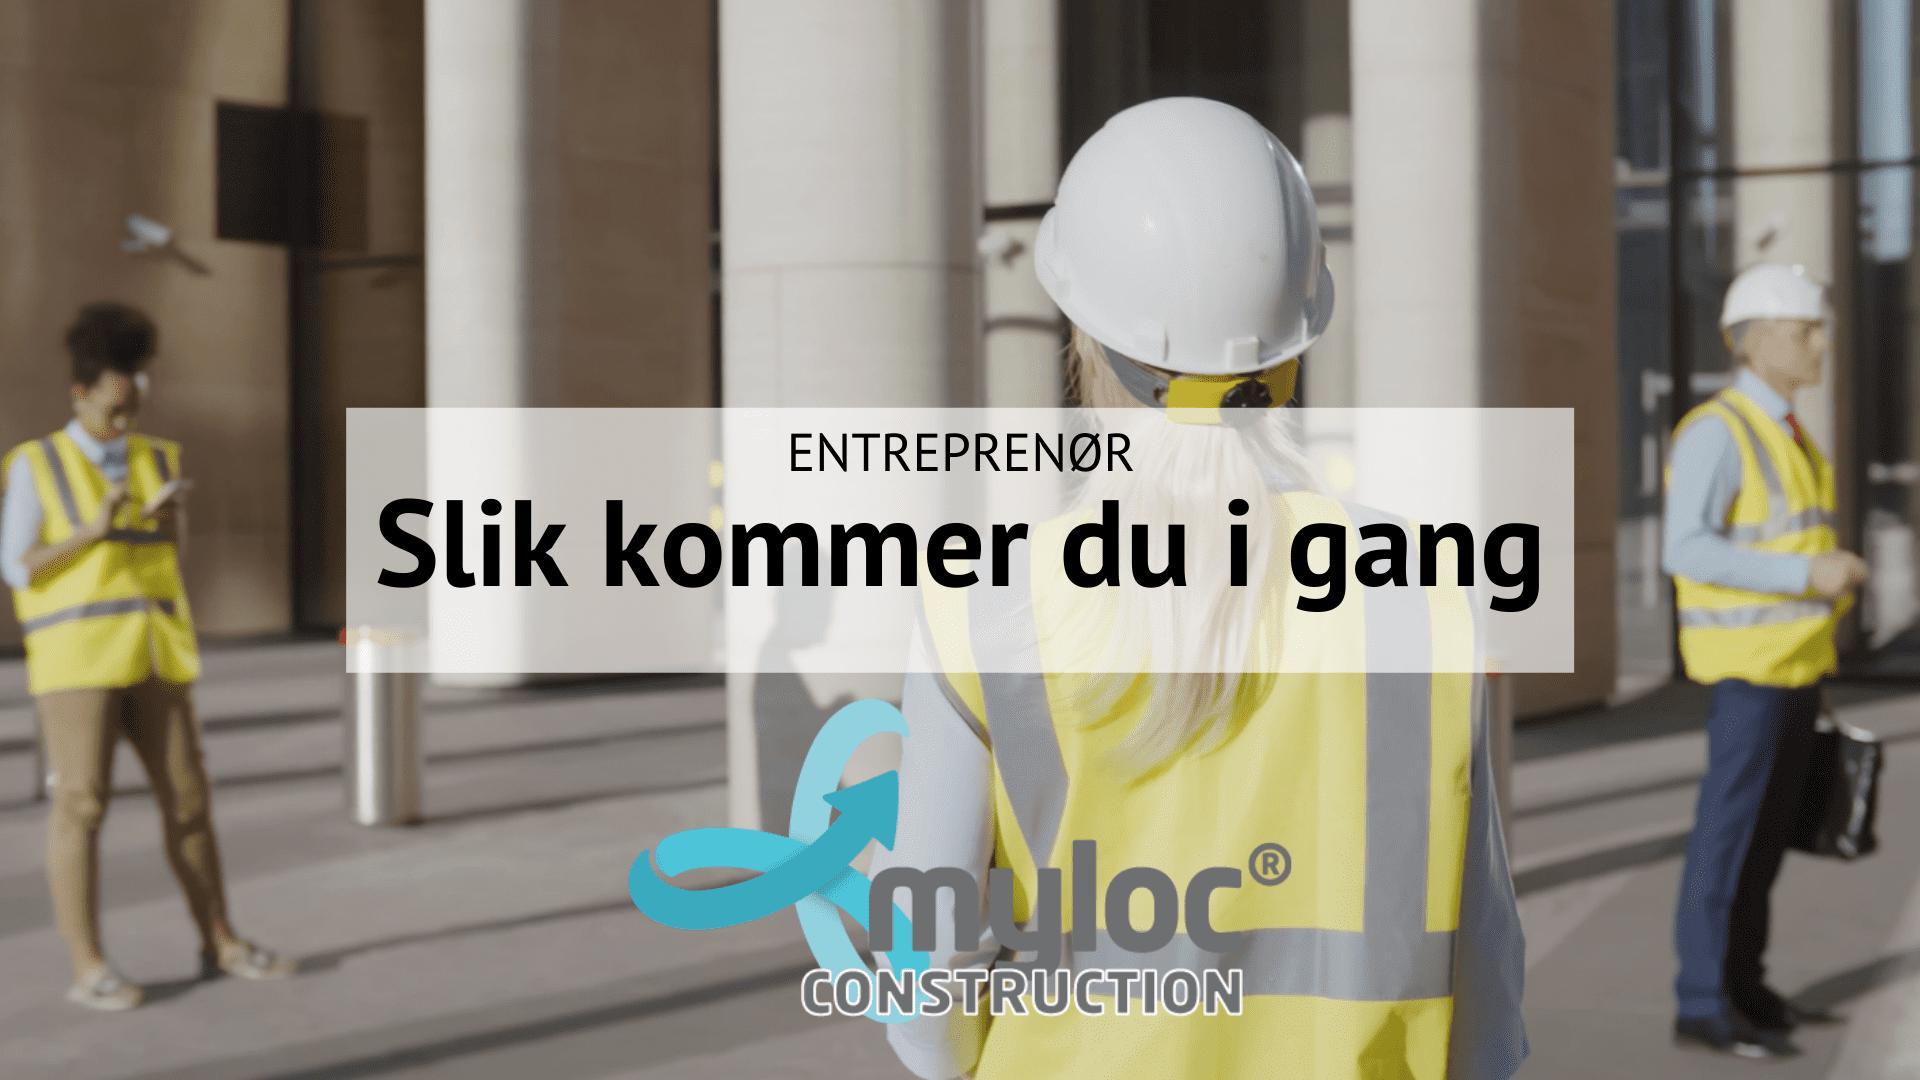 Entreprenør slikk kommer du i gang Myloc Construction